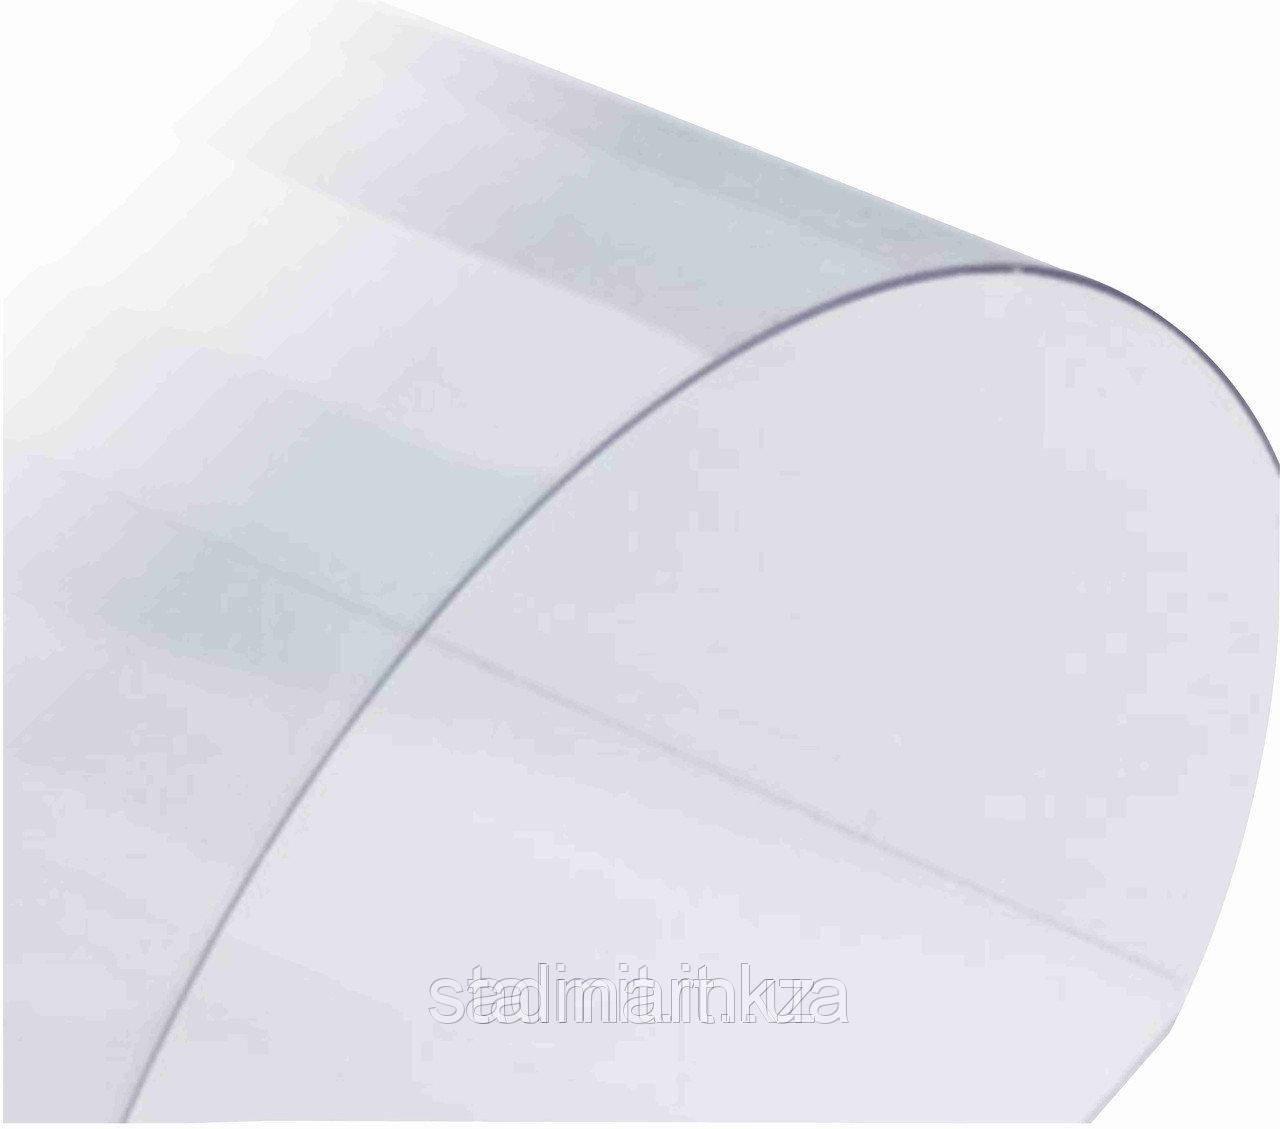 Жёсткий ПВХ-пластик d=2 mm